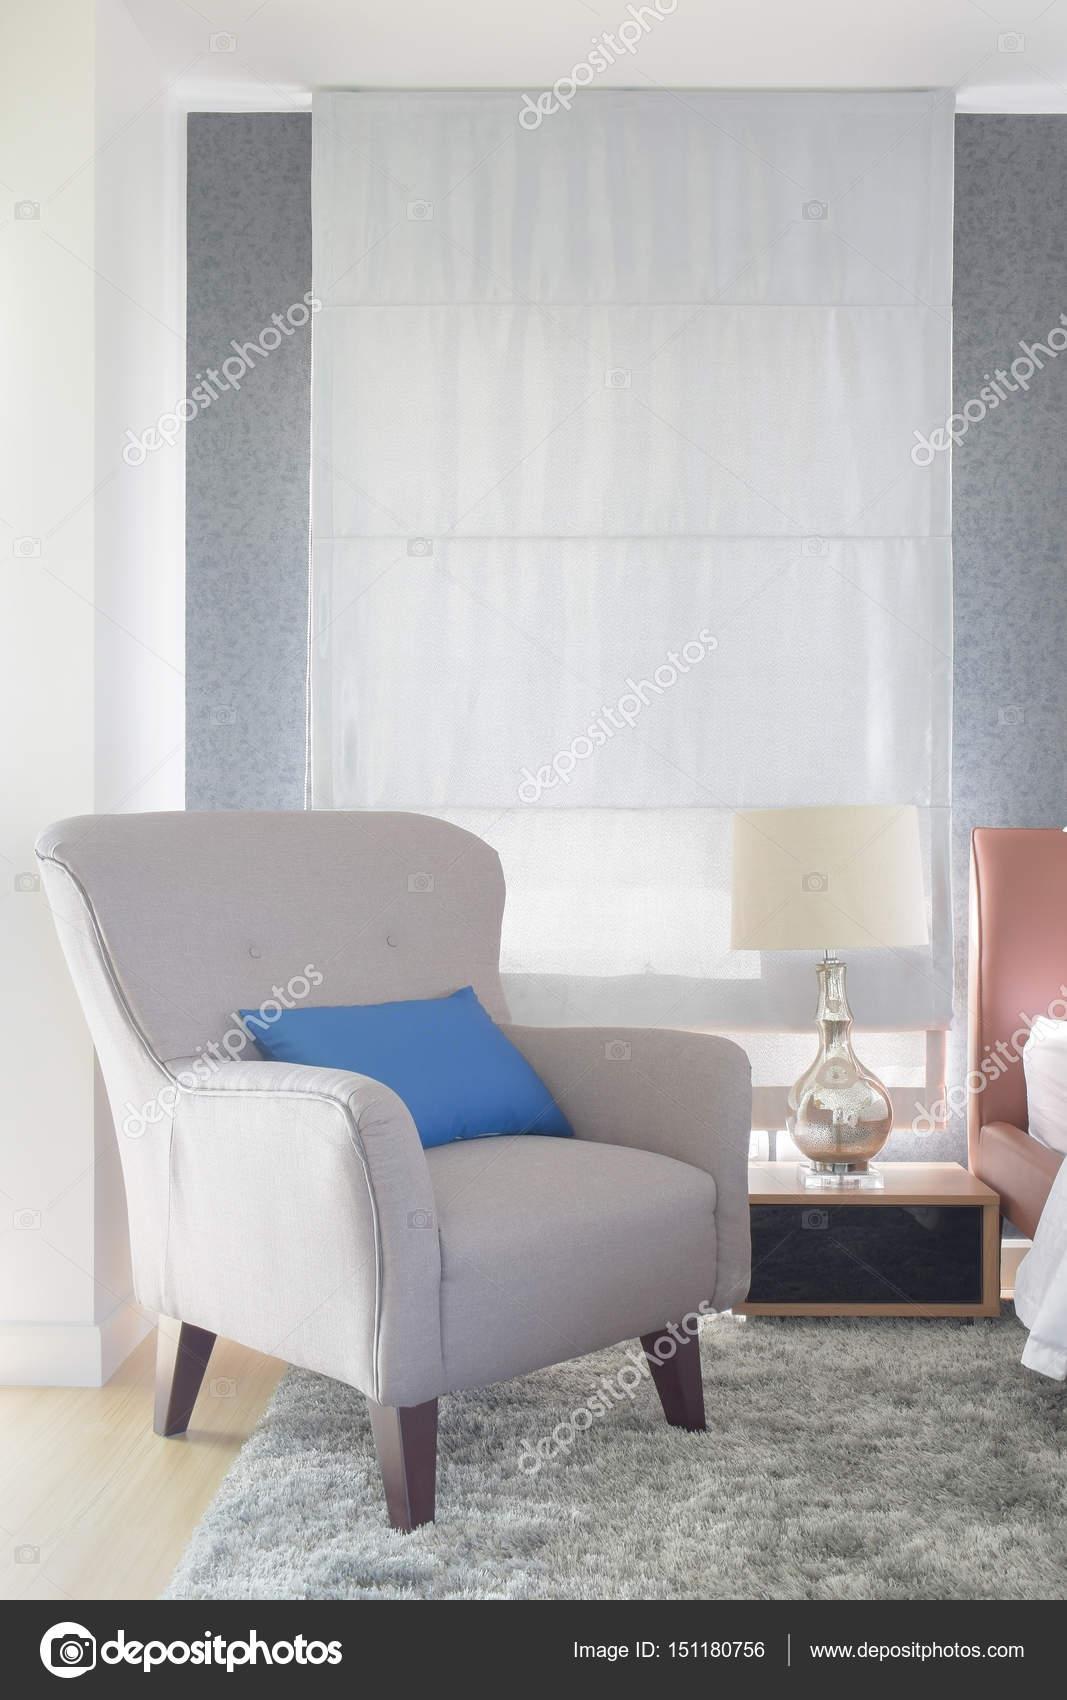 grijze bekleding fauteuil met blauw kussen in moderne interieur woonkamer stockfoto